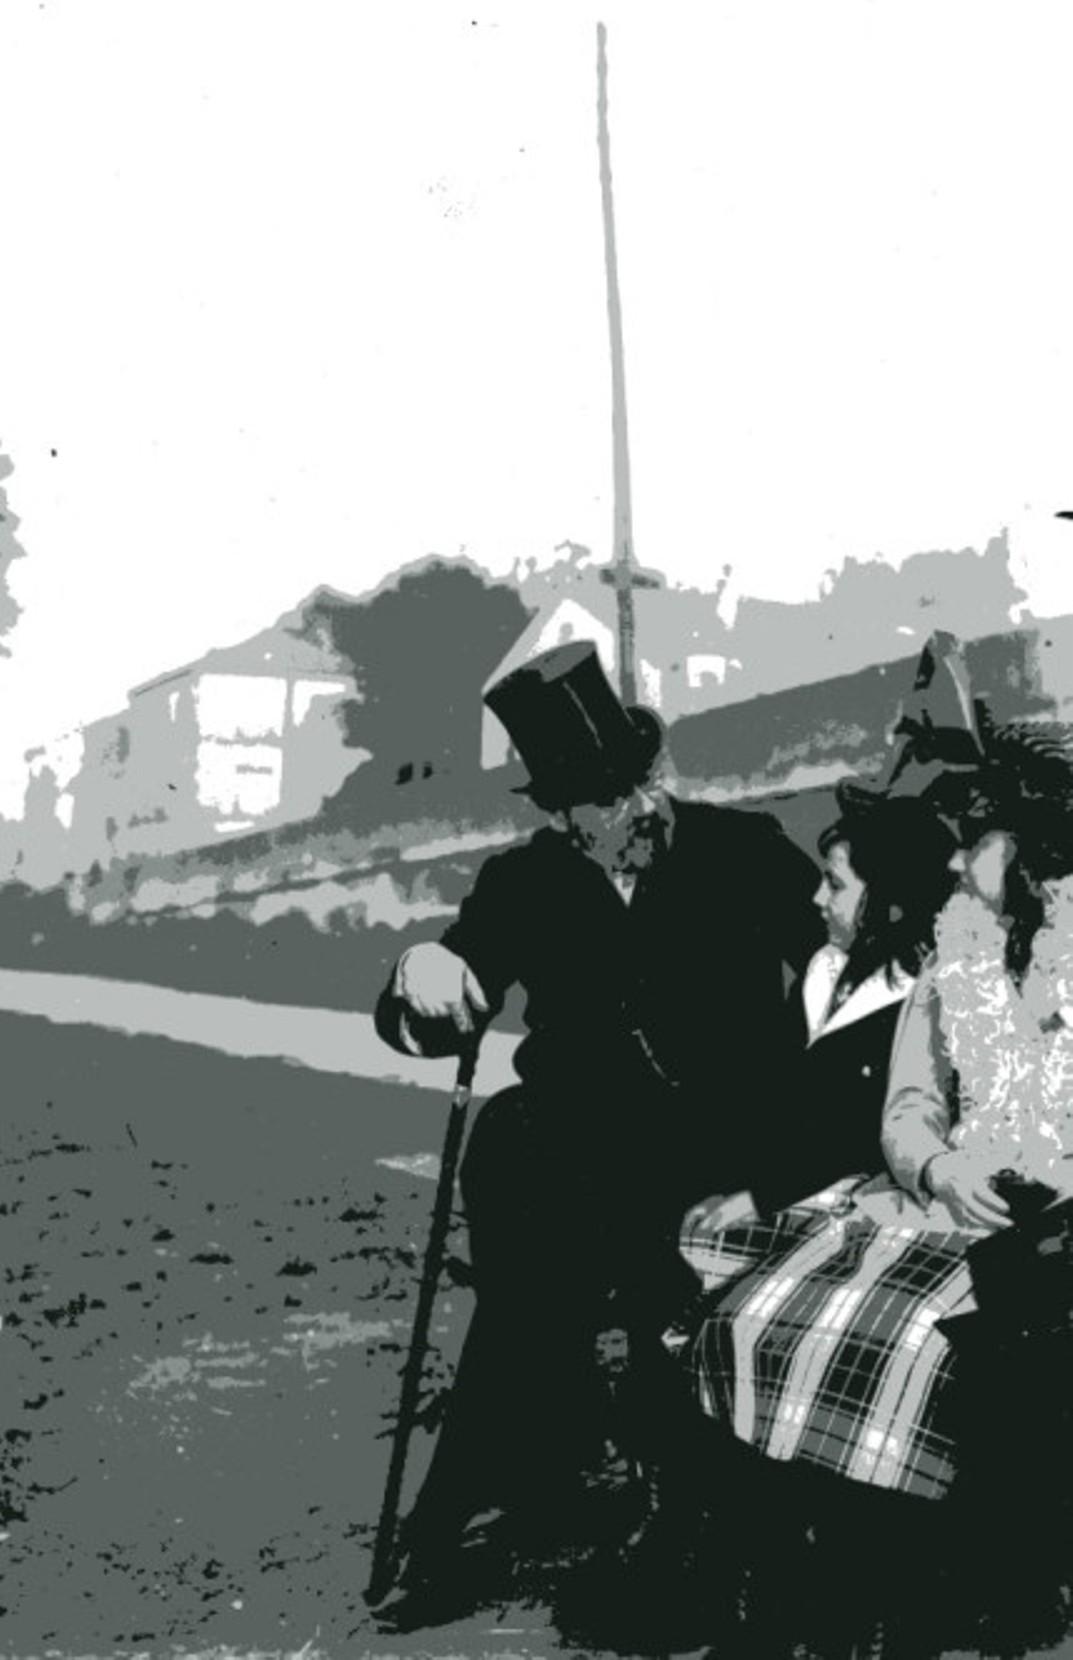 Image - Emile Zola et les enfants assis sur un banc